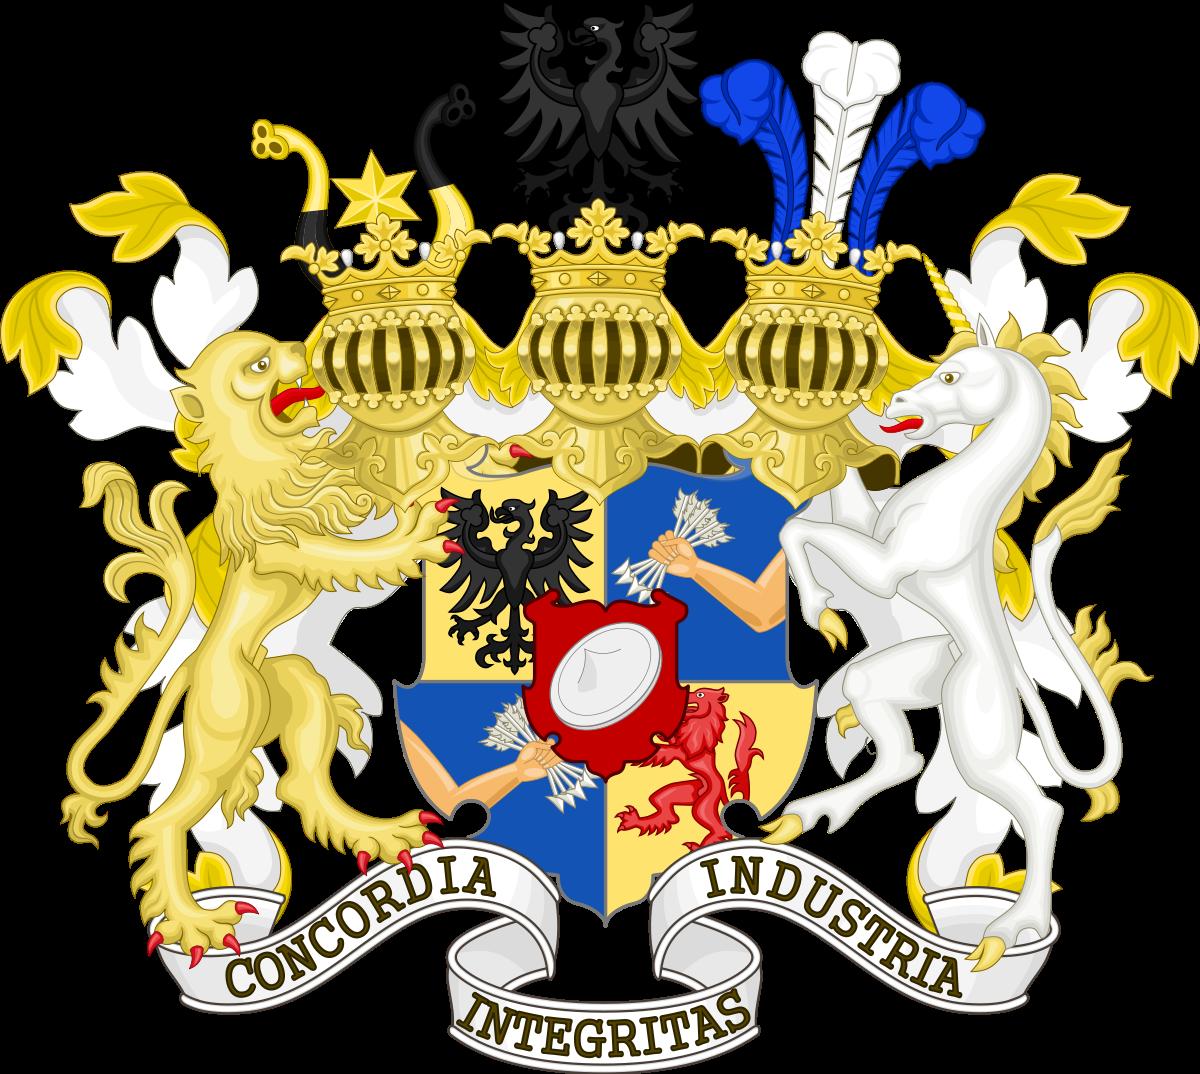 Rothschild, arma, arms, emblem, amblem